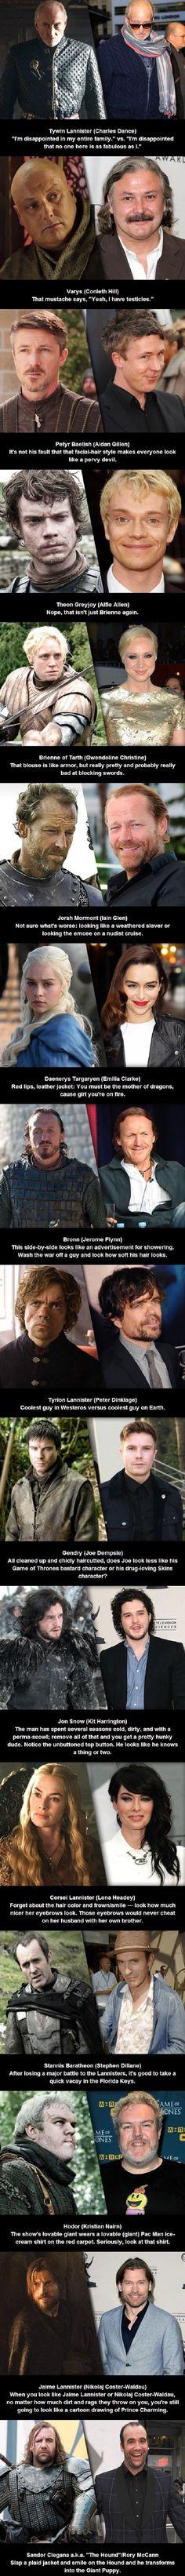 GoT Actors vs Characters